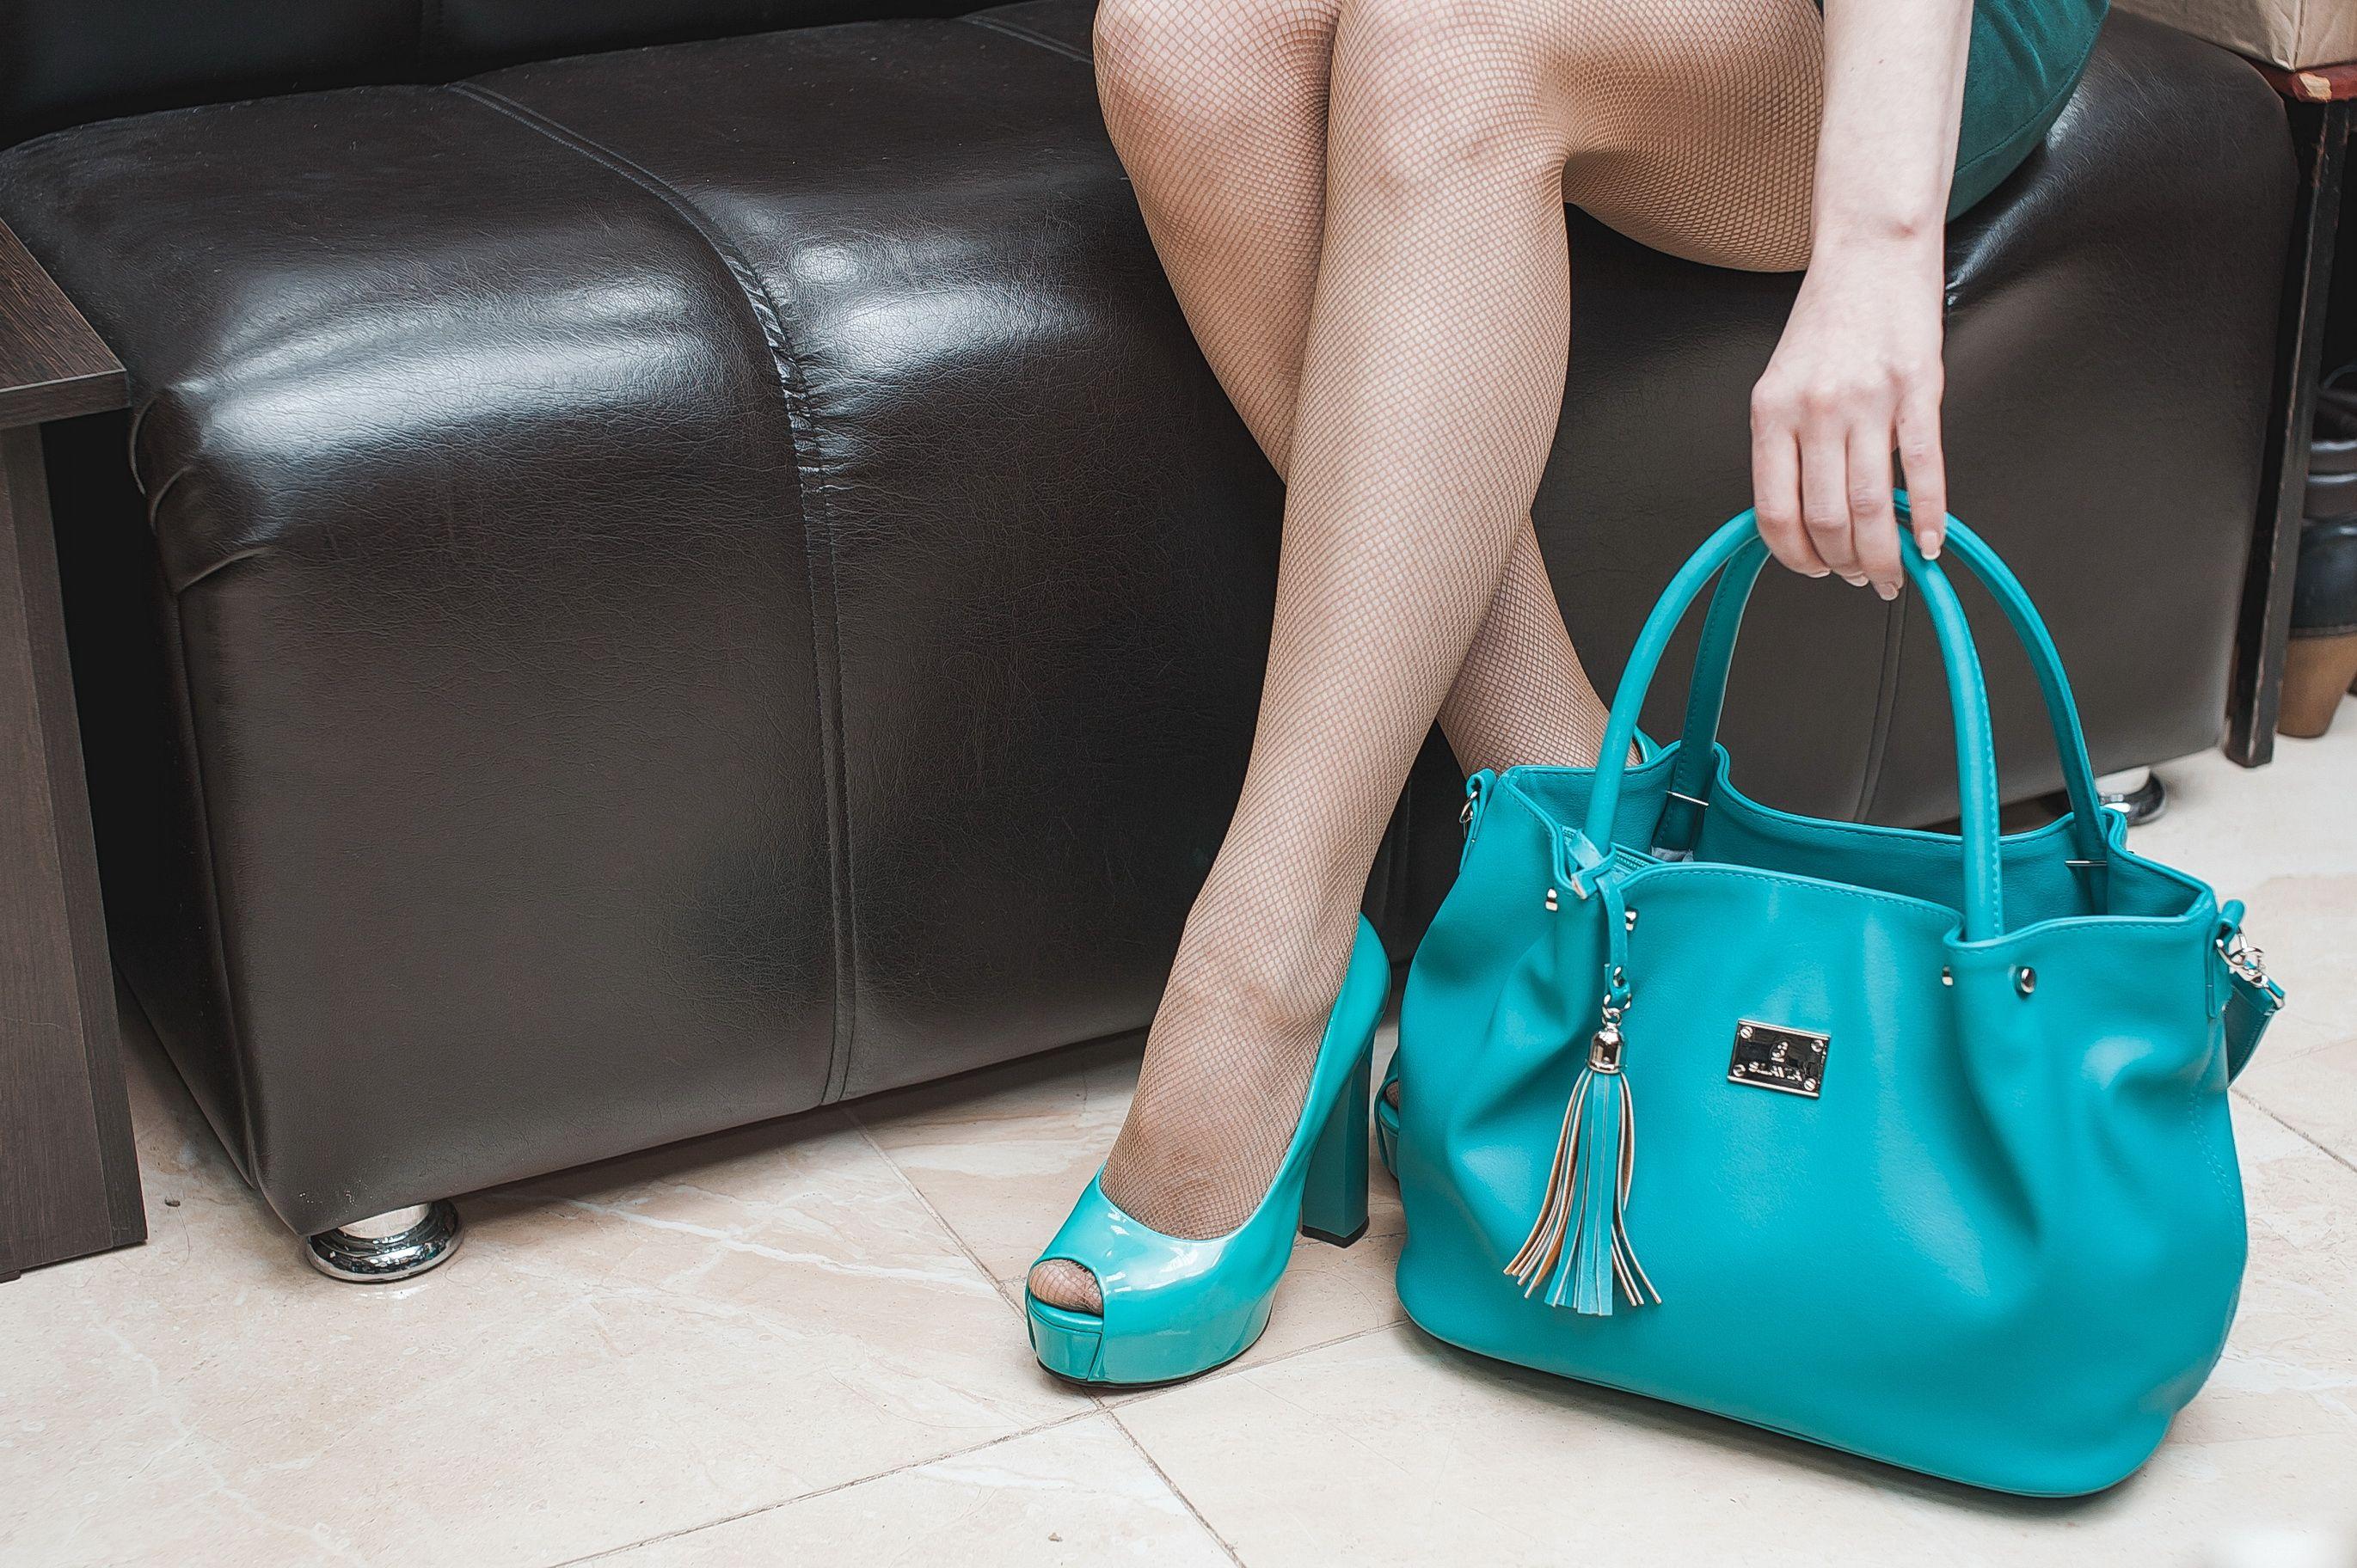 Сбор заказов. Сумка лишней не бывает. Женские и мужские , рюкзаки и дорожные сумки на любой вкус и цвет-7. Потрясающая новая летняя коллекция.